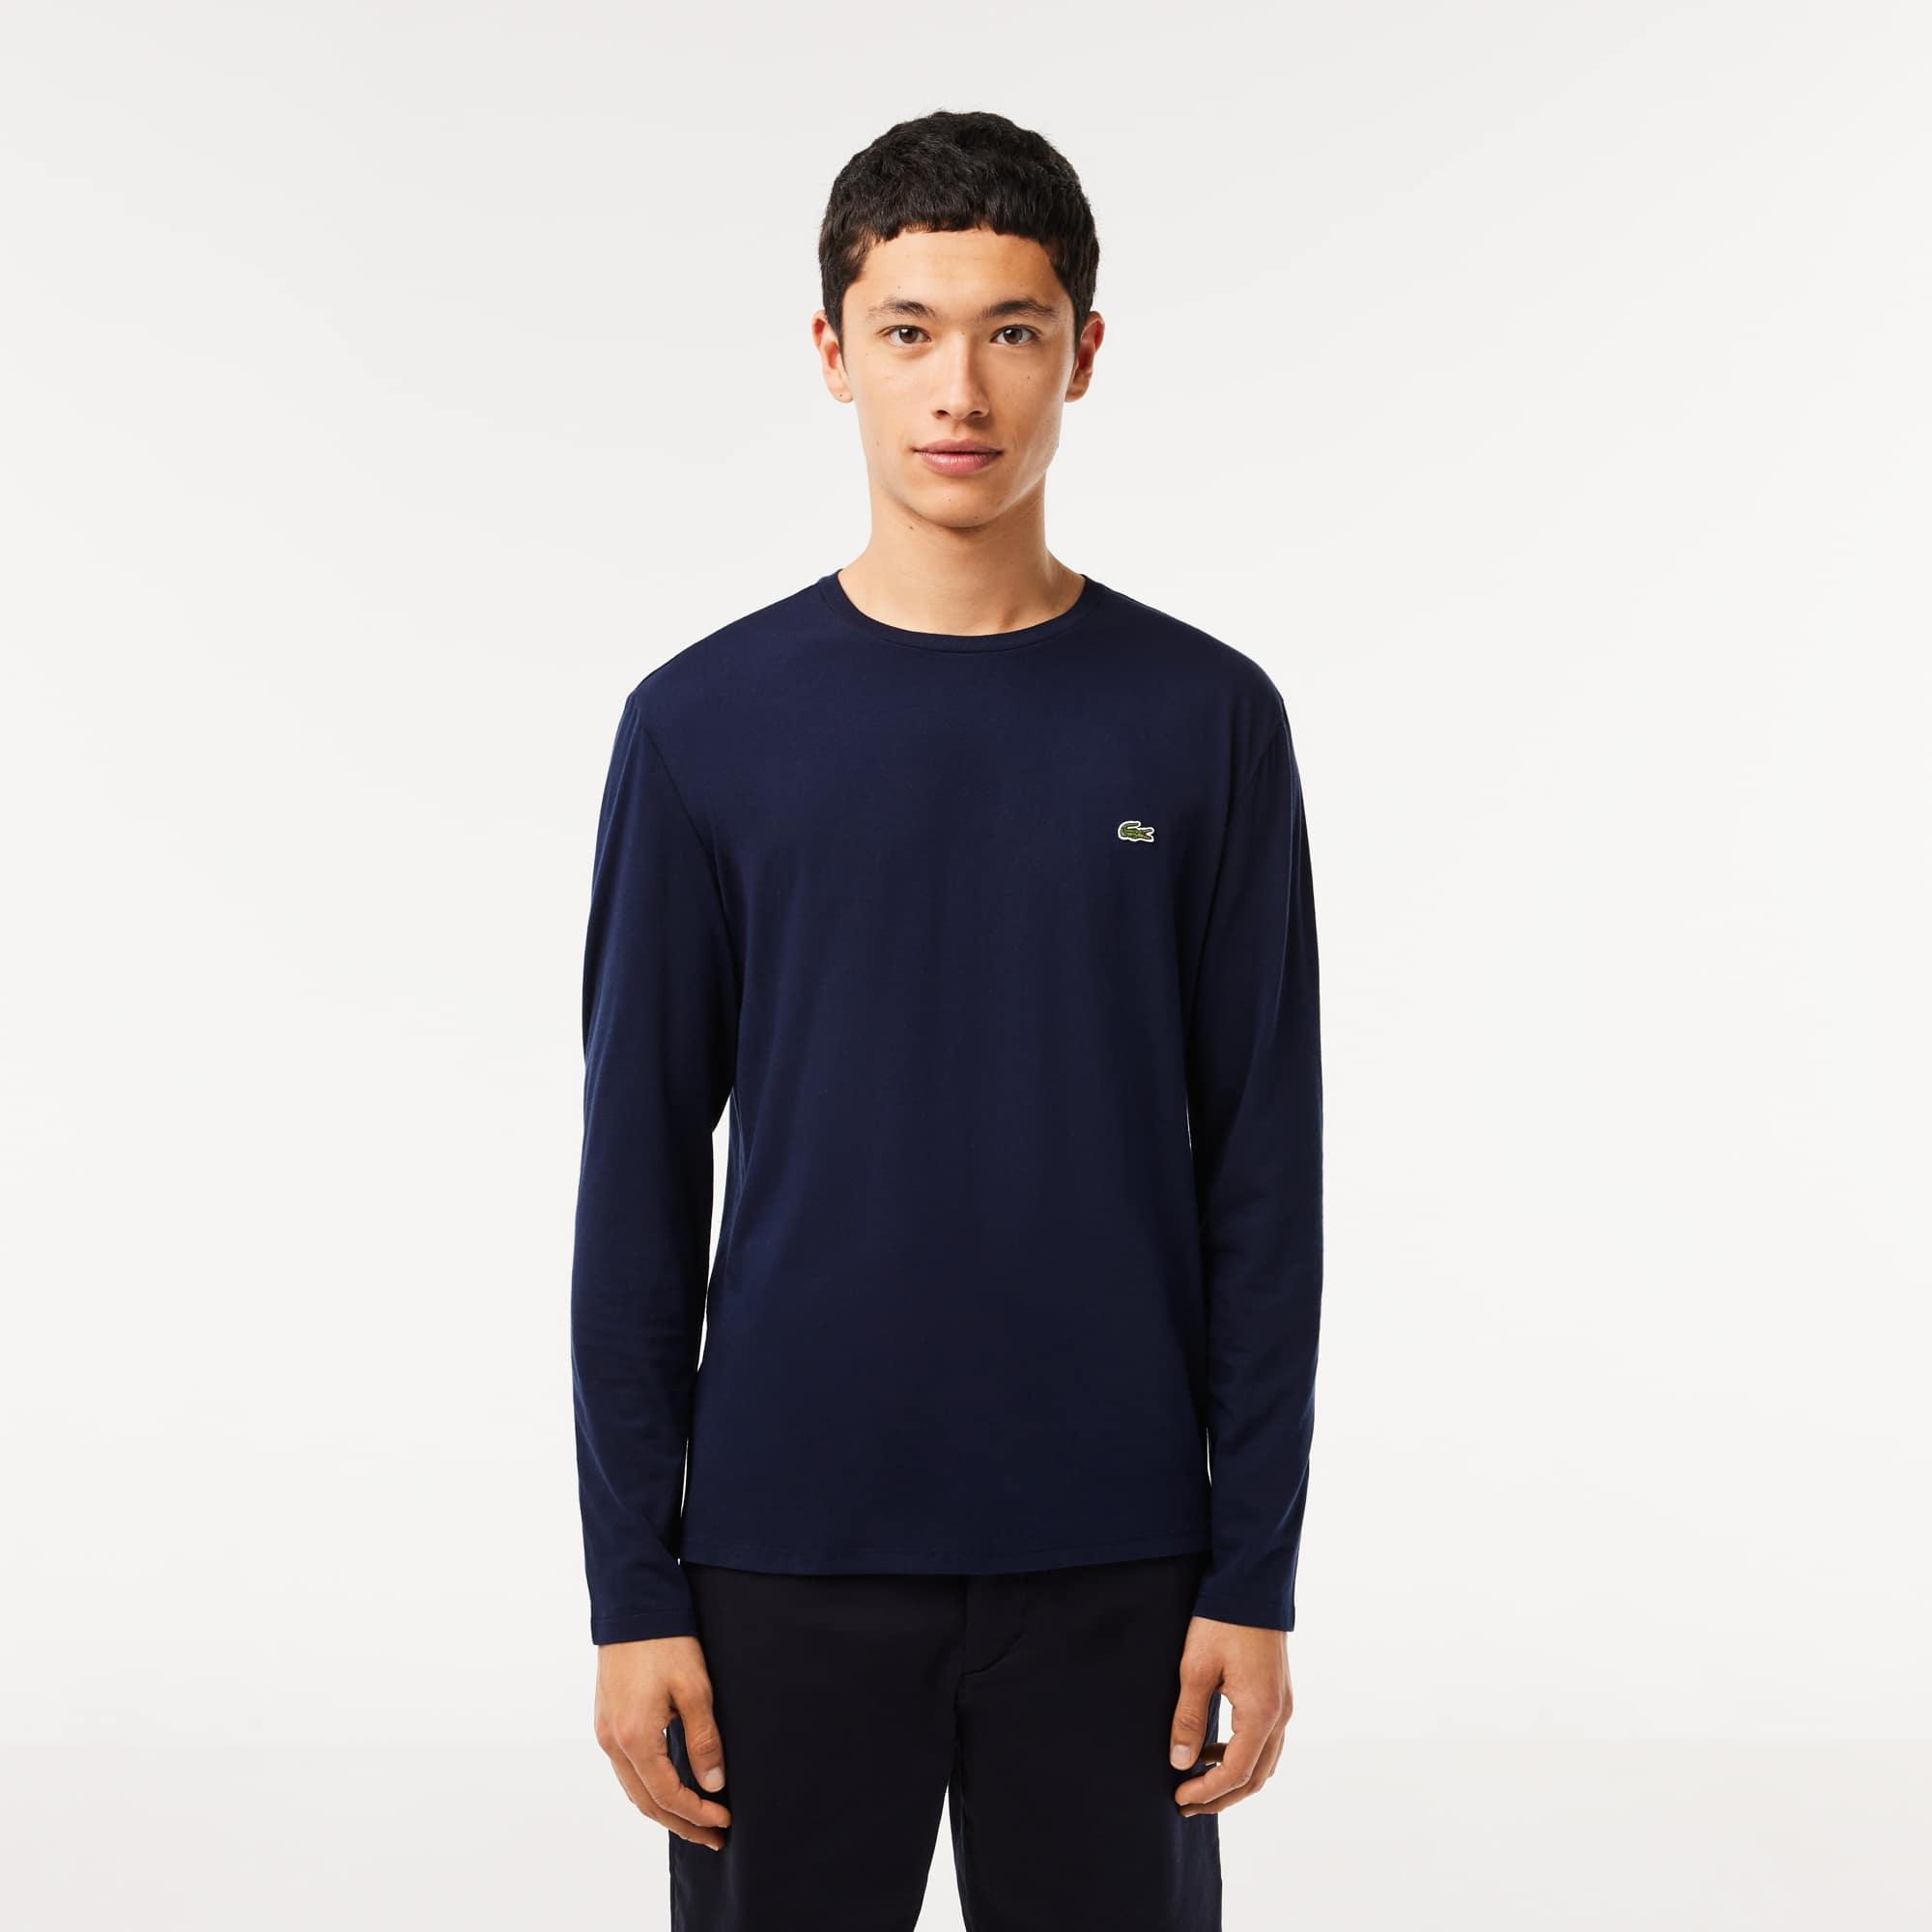 Lacoste - T-shirt col rond en jersey de coton pima uni - 1